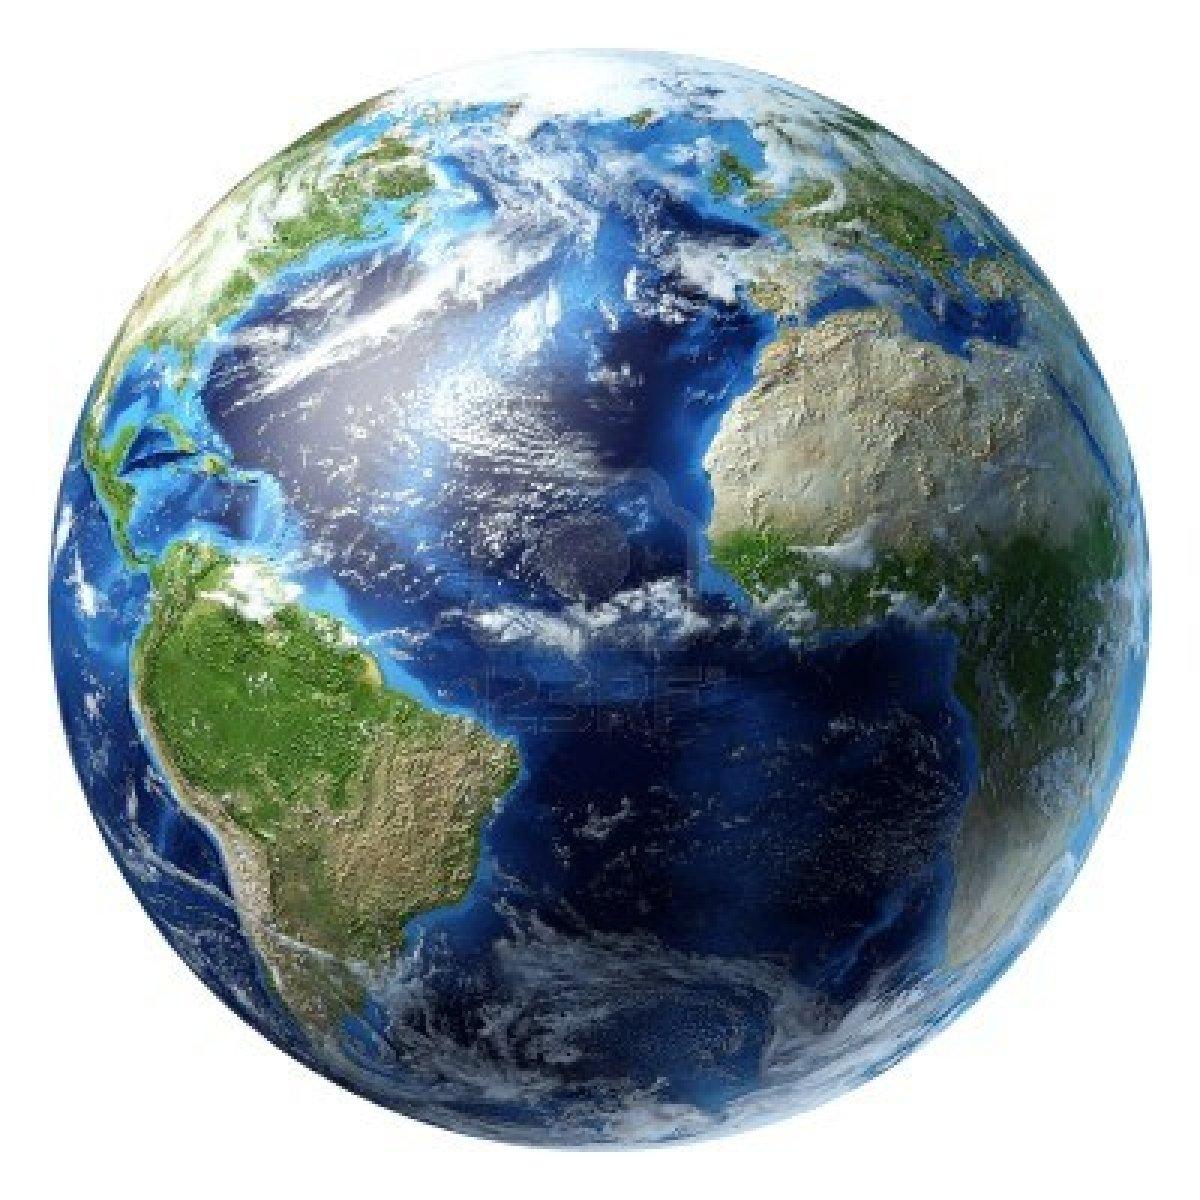 América conmemora Día Mundial de la Tierra con mensajes en defensa